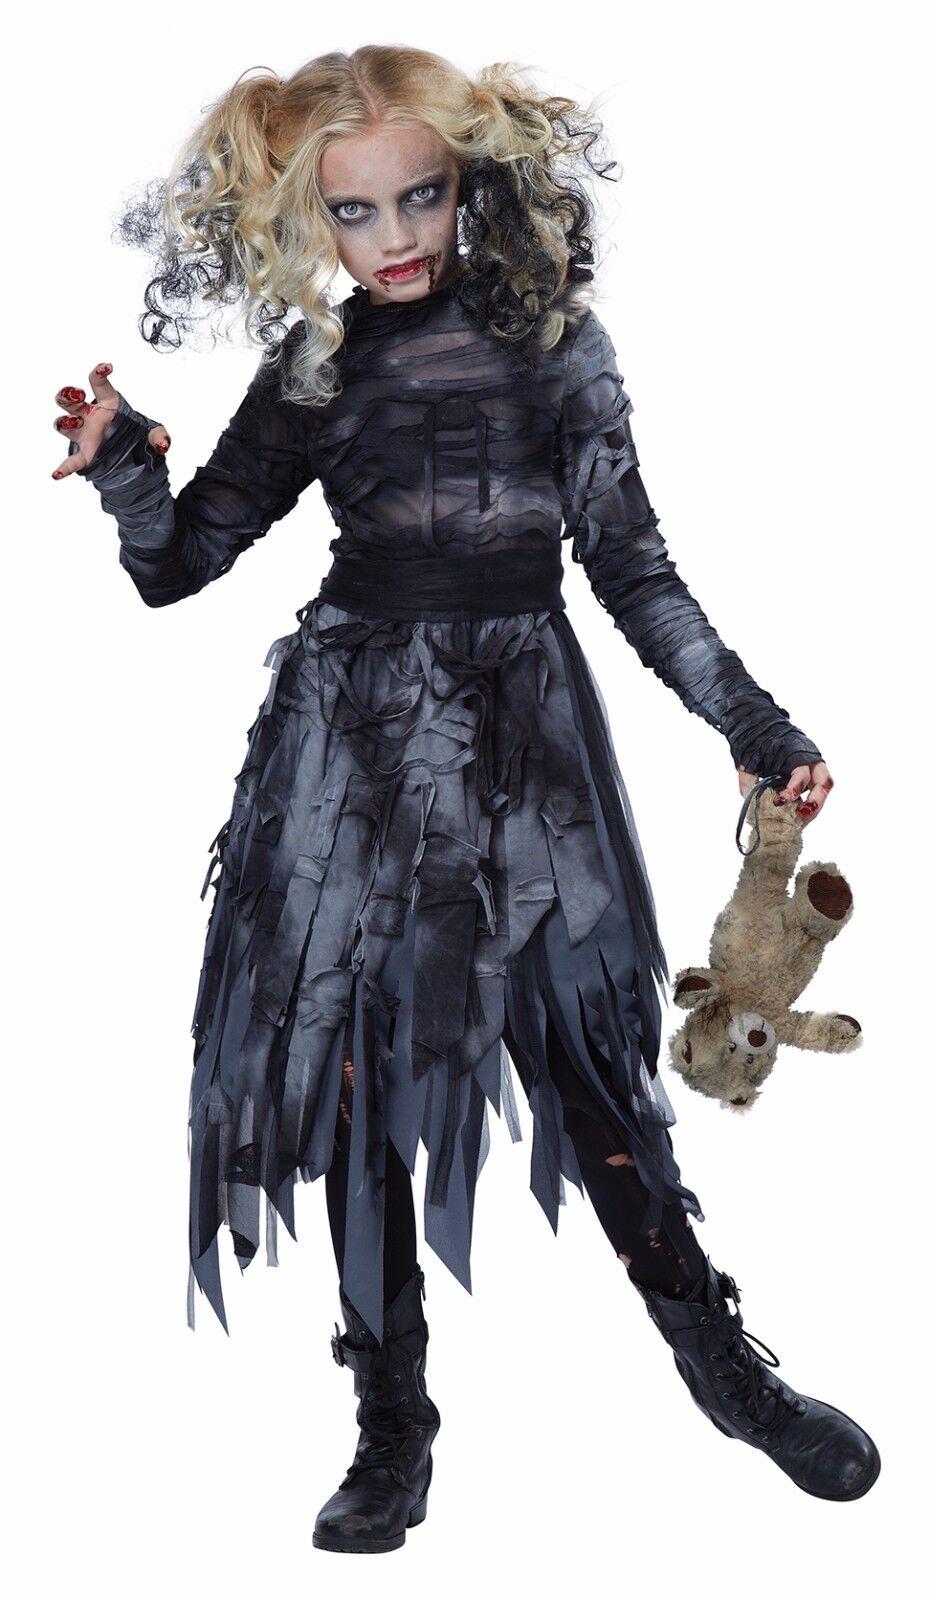 Walking Dead Zombie Girl World War Z Child Costume